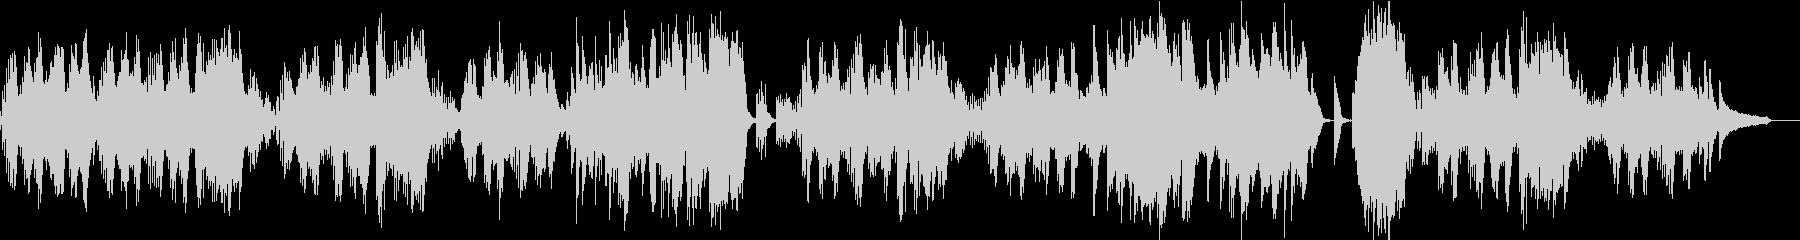 ベートーヴェンのピアノ曲の未再生の波形